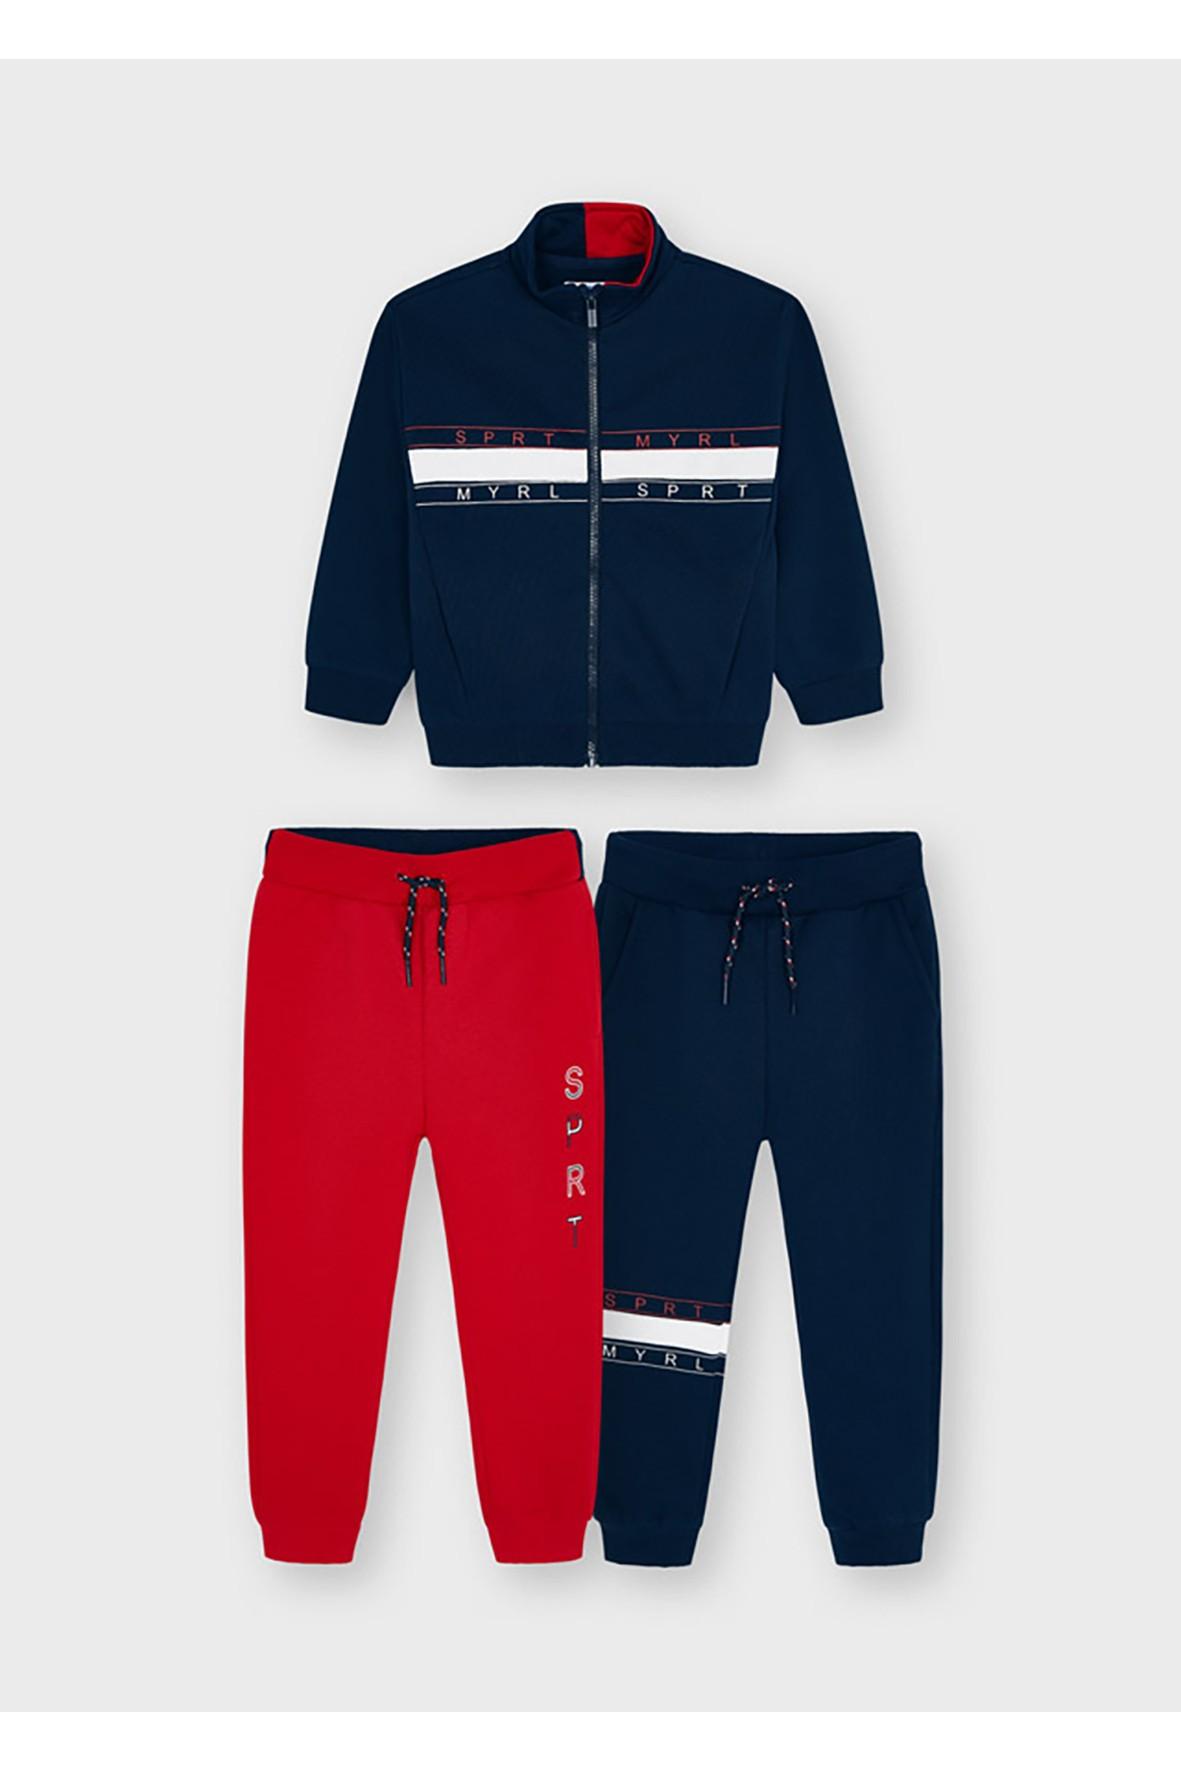 Dres chłopięcy - rozpinana bluzka bez kaptura i 2 x spodnie dresowe Mayoral